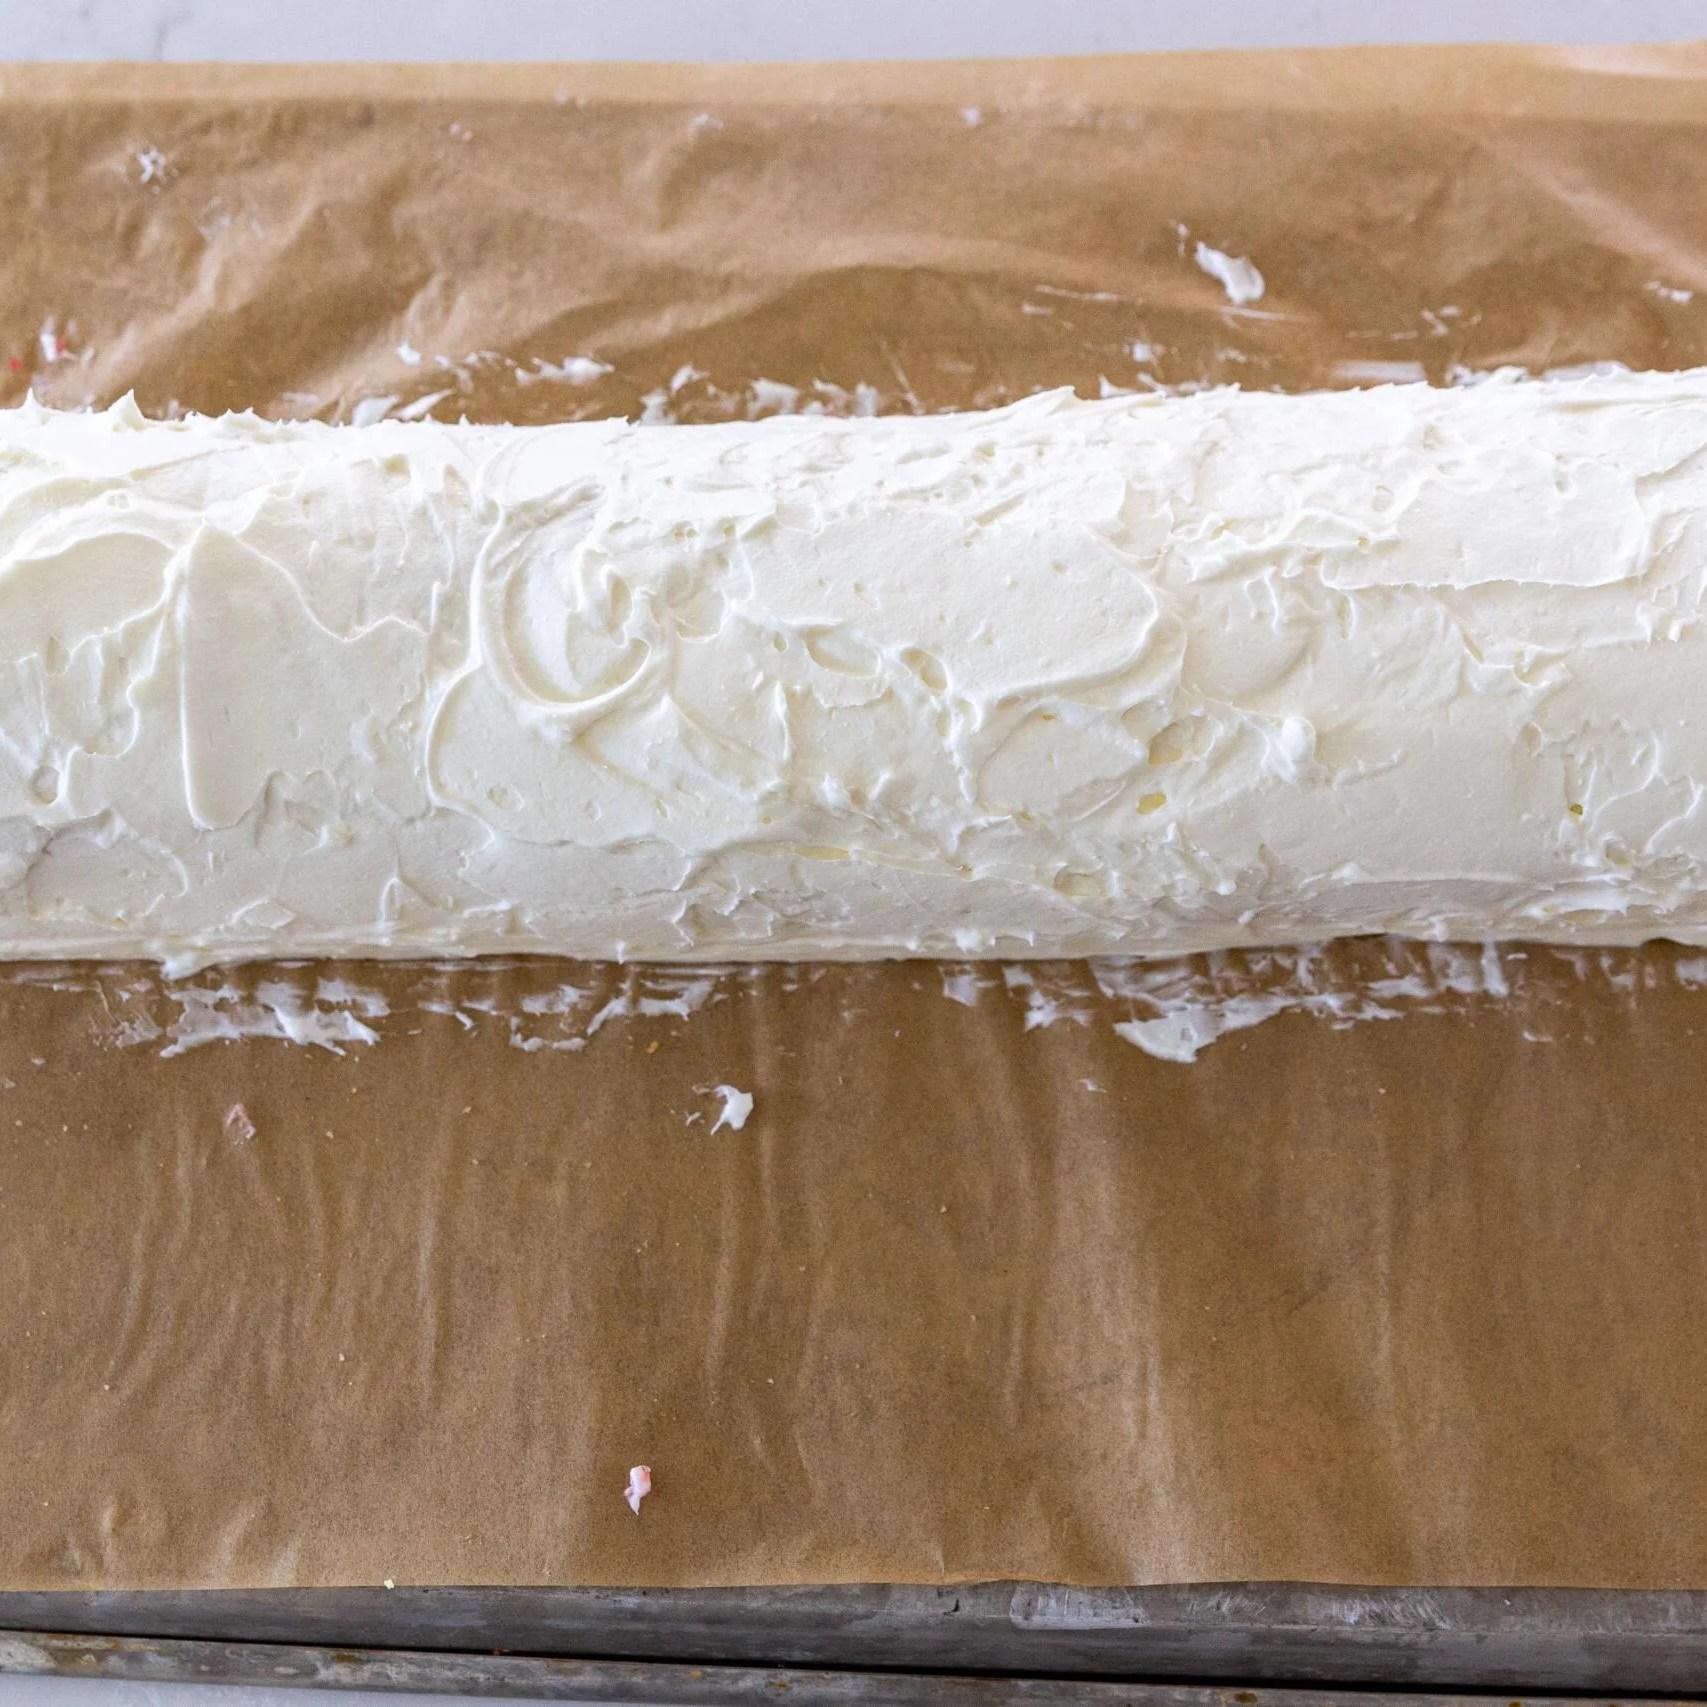 cream over sponge cake